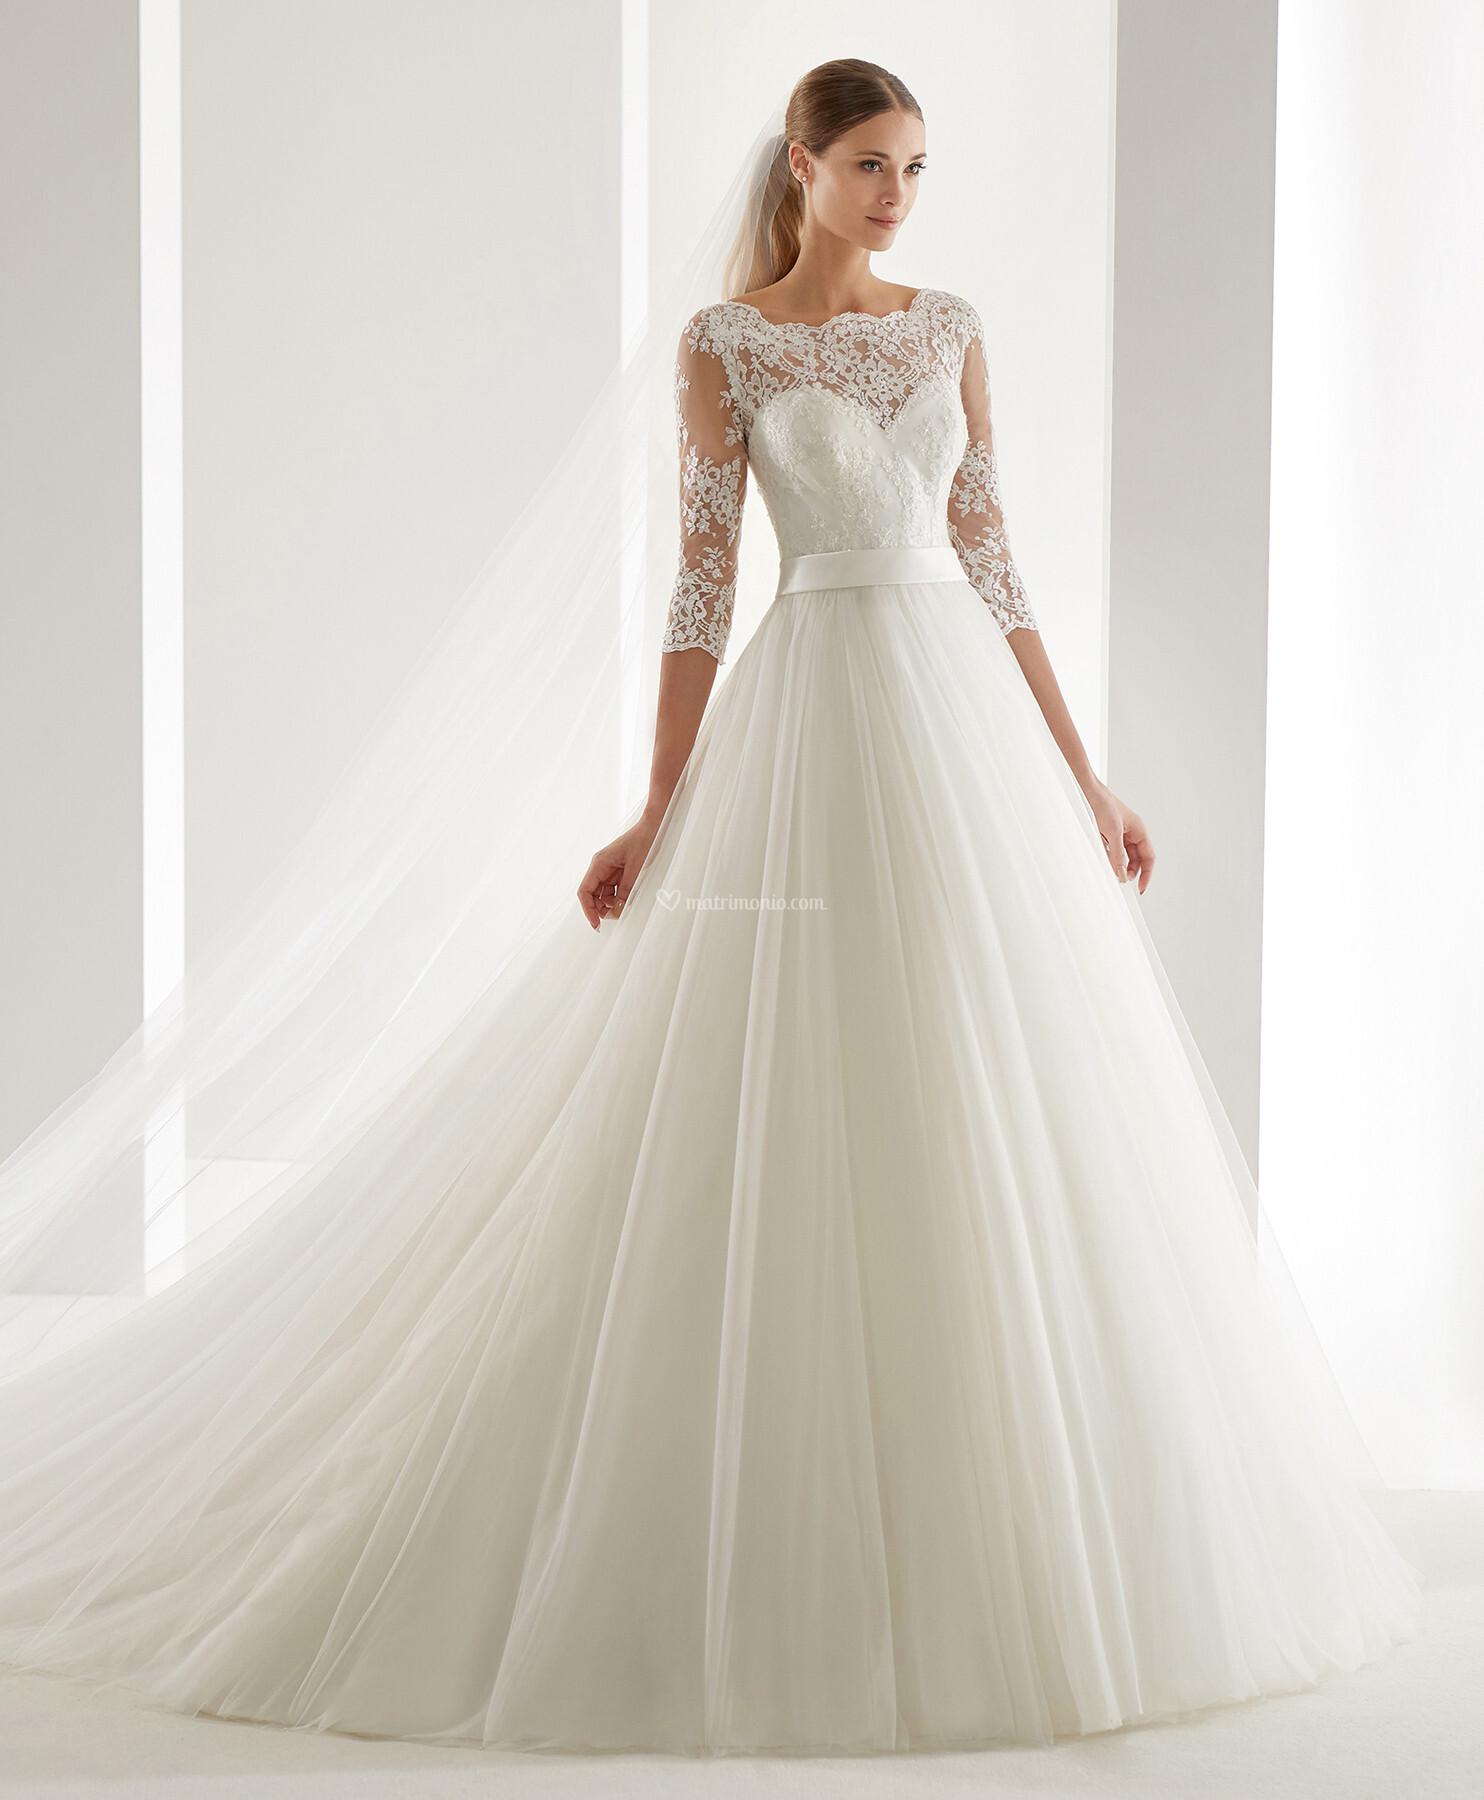 c51c5fe9697c Abiti da Sposa di Aurora - AUAB19927 - Matrimonio.com